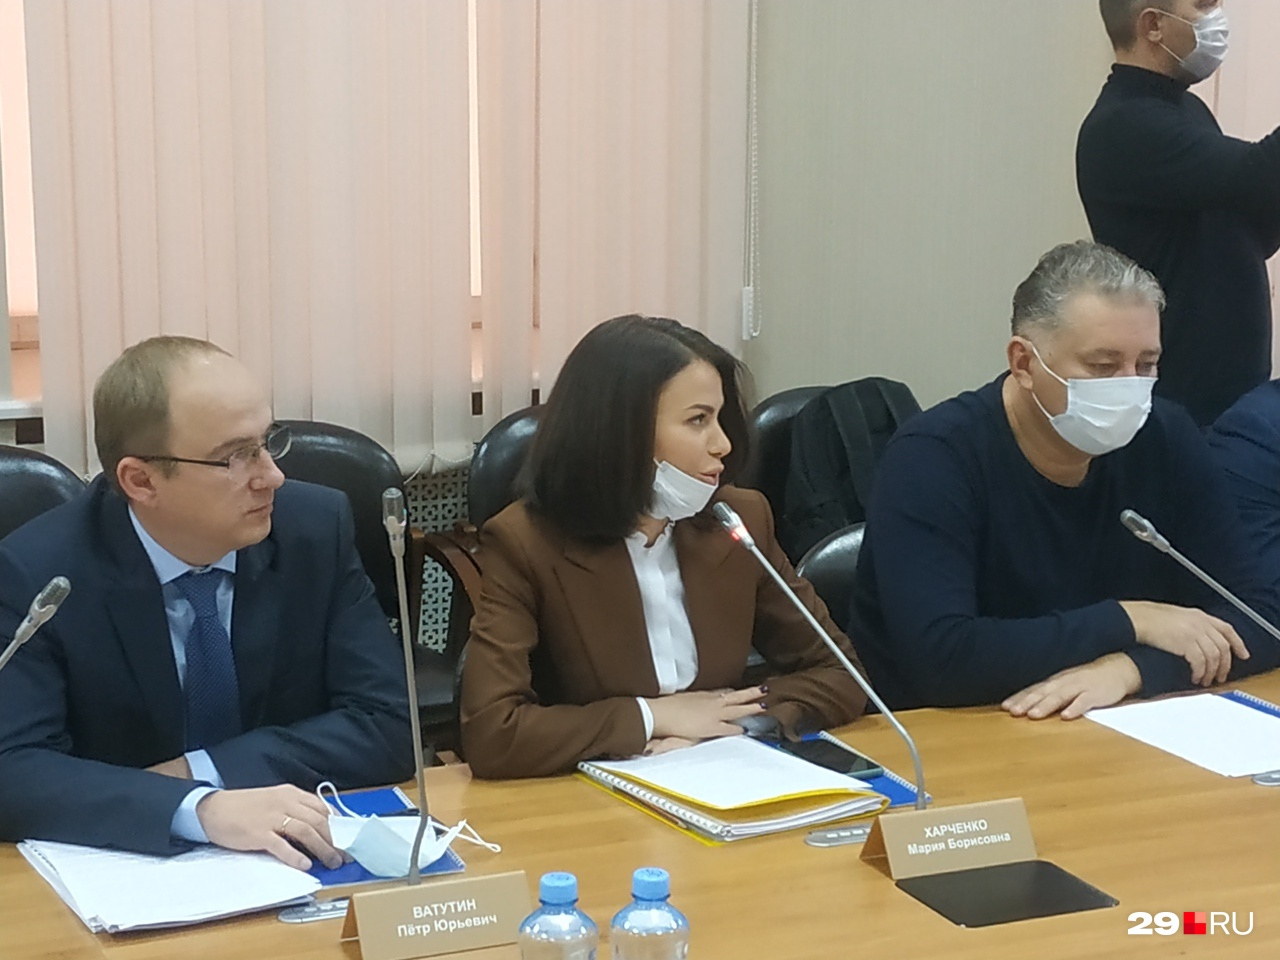 Мария Харченко во время выступления задавала вопросы обоим кандидатам